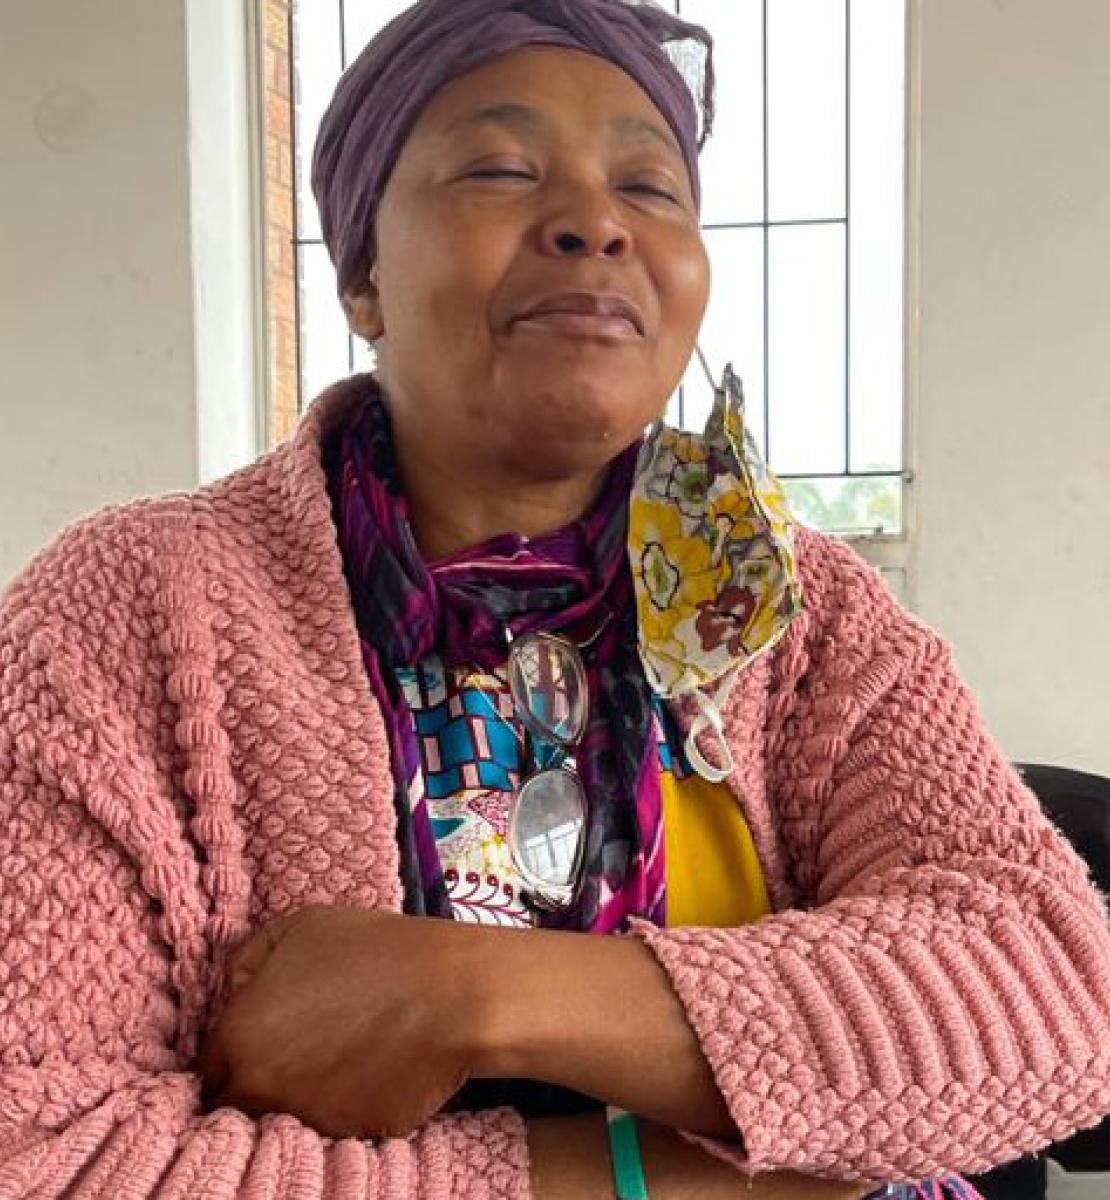 Una mujer mayor con un jersey rosa se sienta con los brazos cruzados en una habitación blanca.